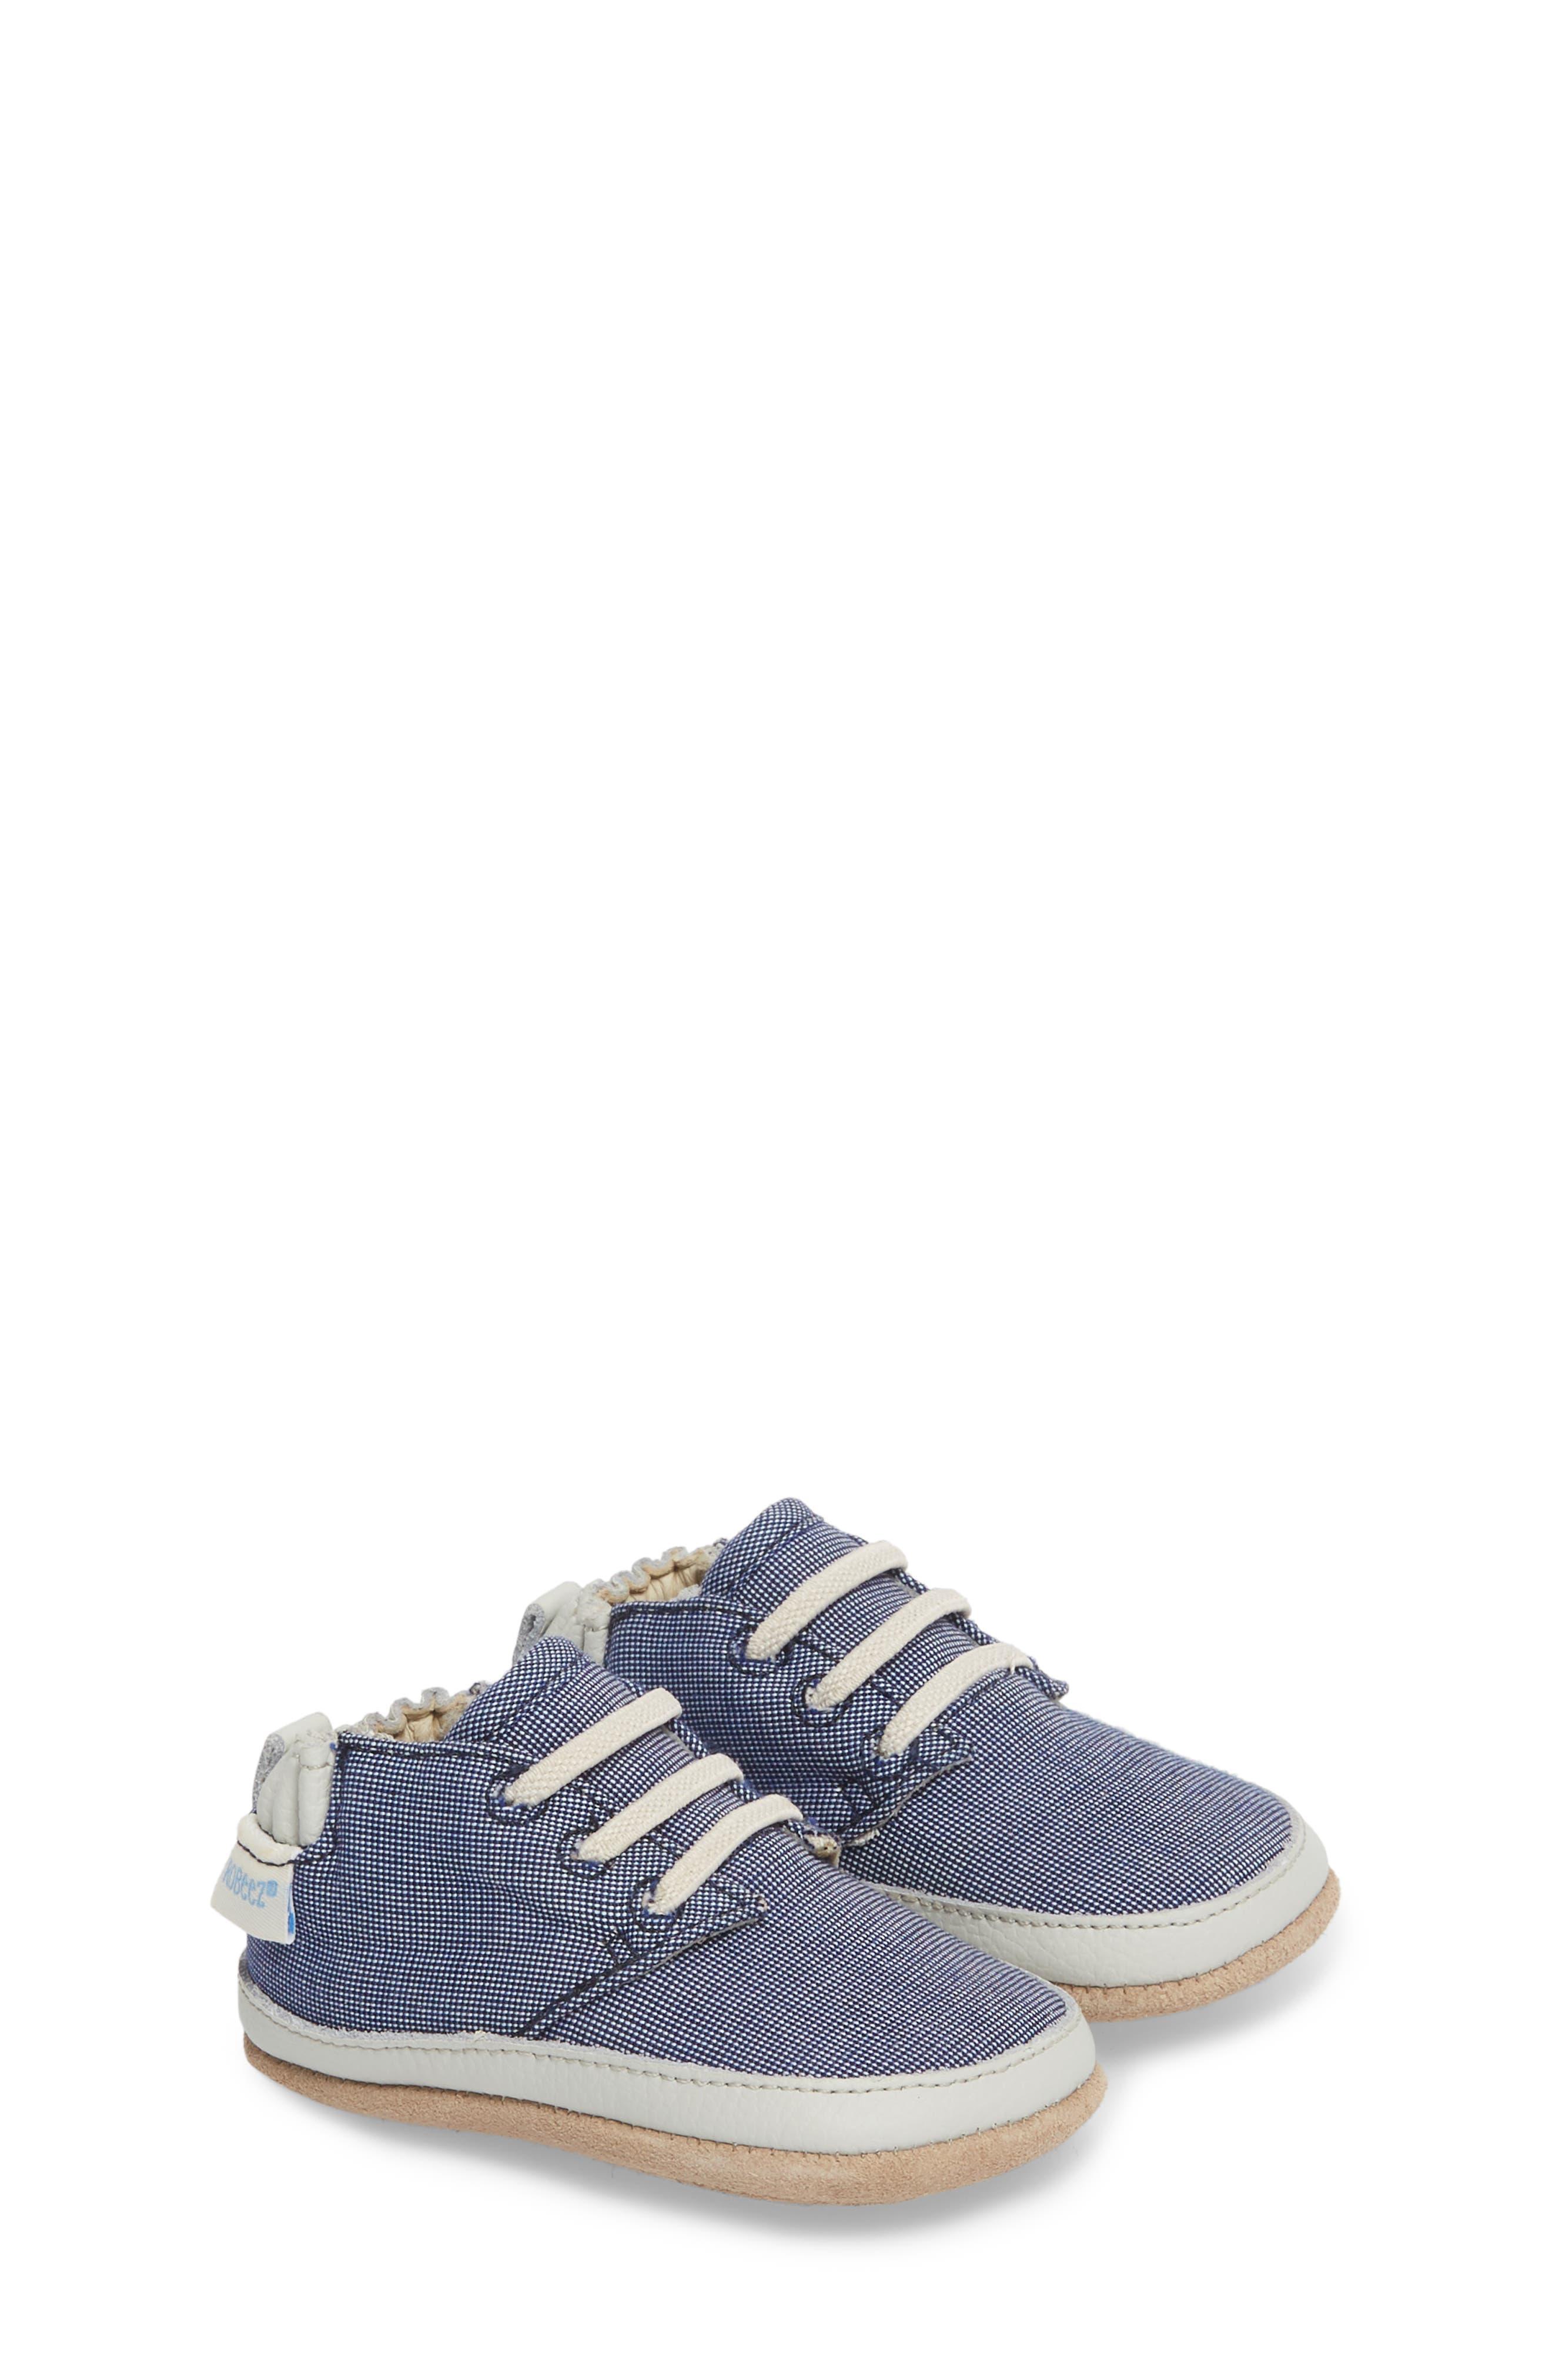 Steven Crib Sneaker,                             Alternate thumbnail 3, color,                             Denim